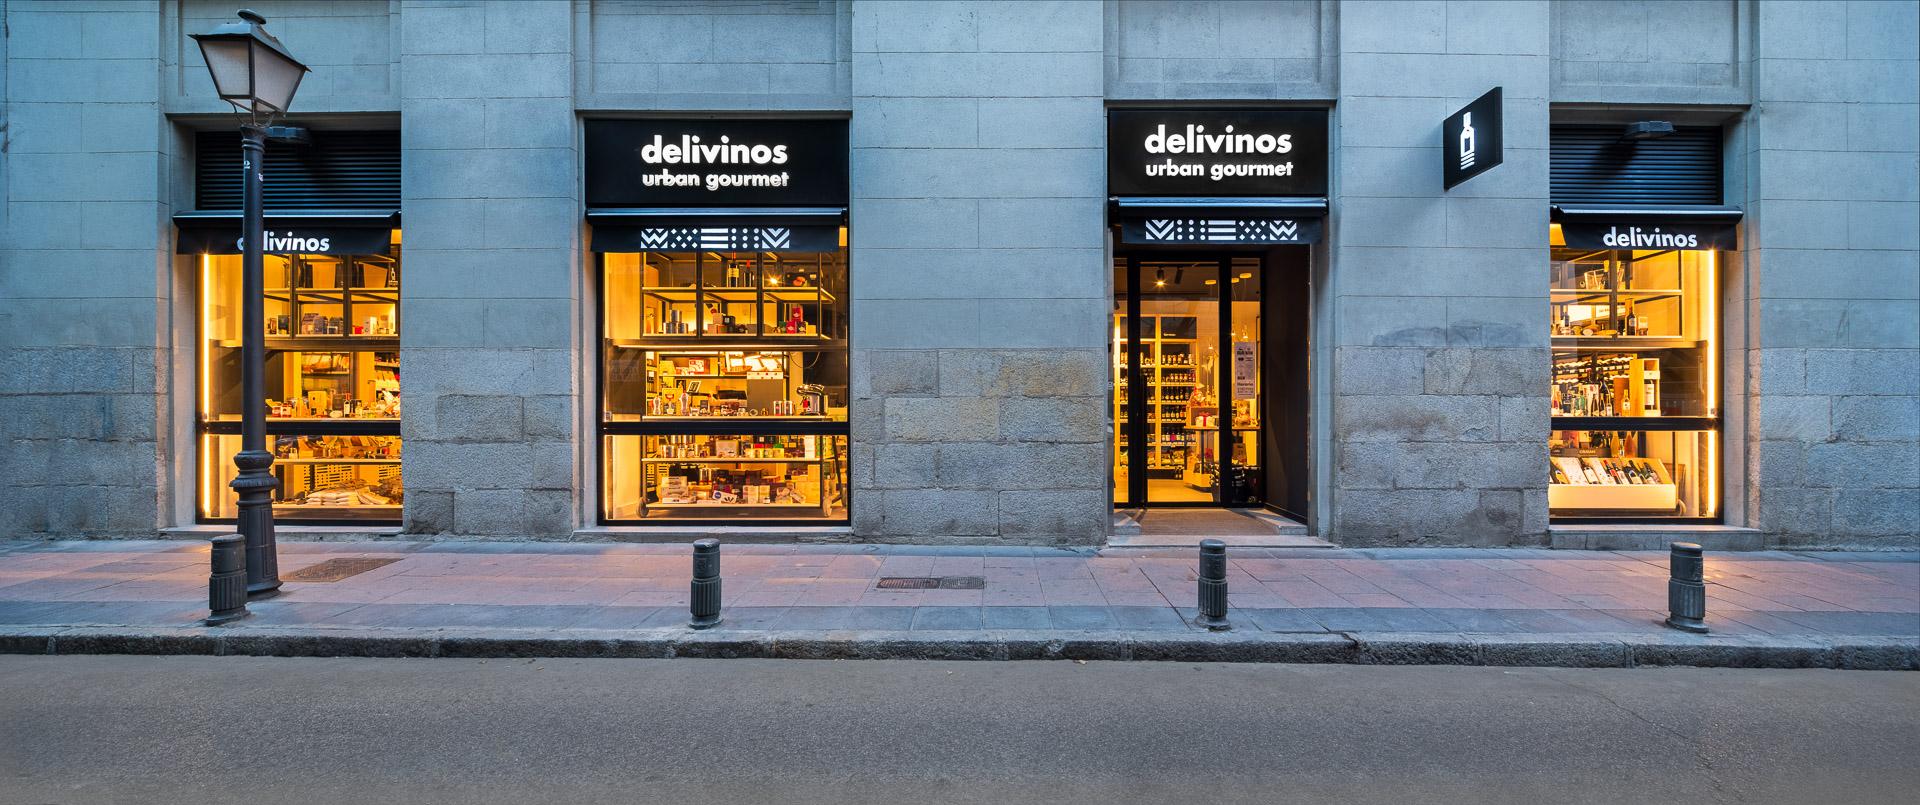 Nuestra tienda de vinos: delivinos urban gourmet, vinoteca en Madrid